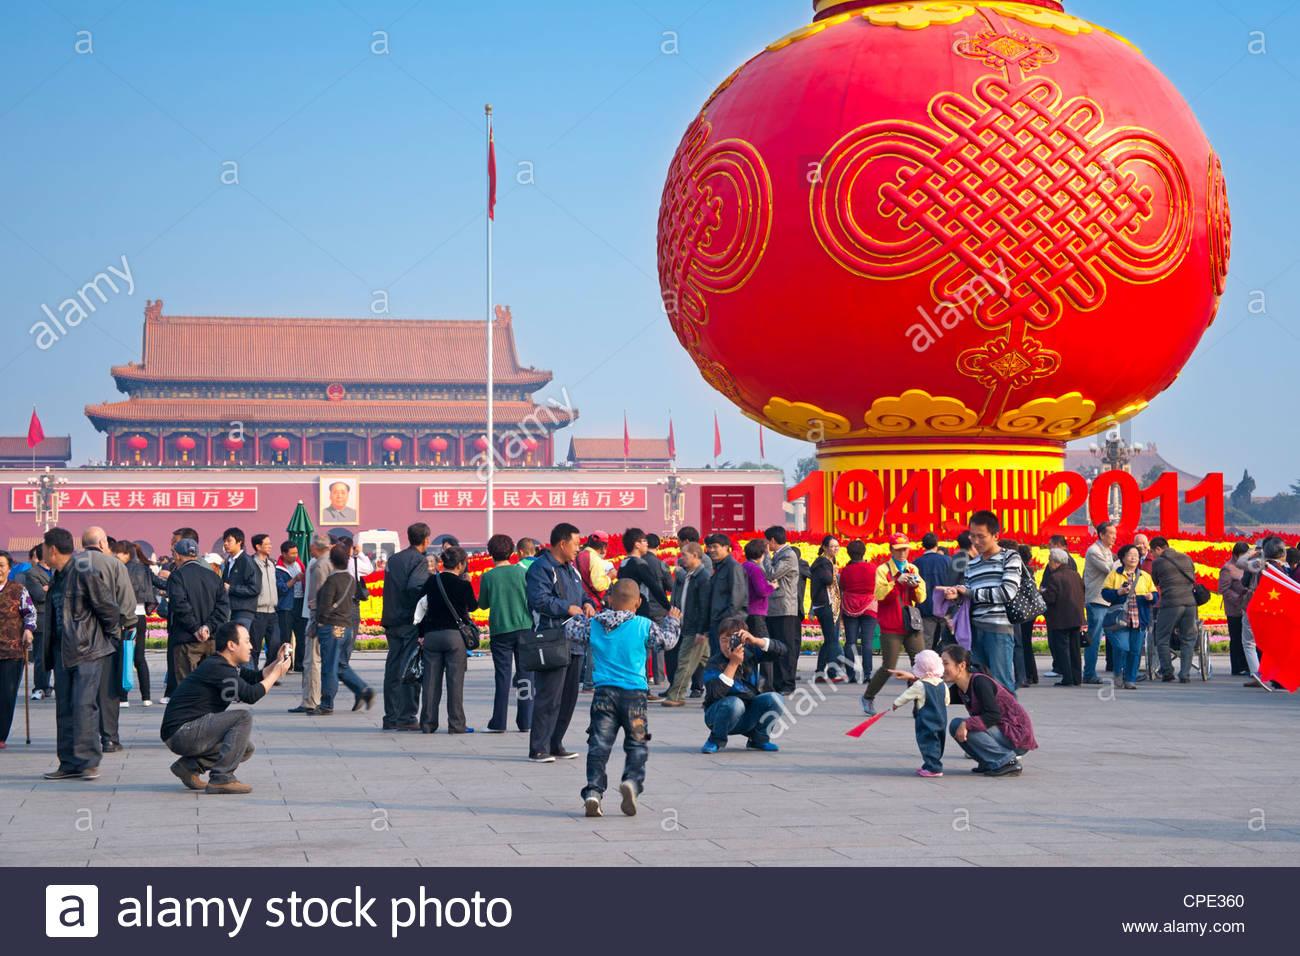 Les sections locales à la place Tiananmen pendant les jours du festival national, Beijing, China, Asia Photo Stock